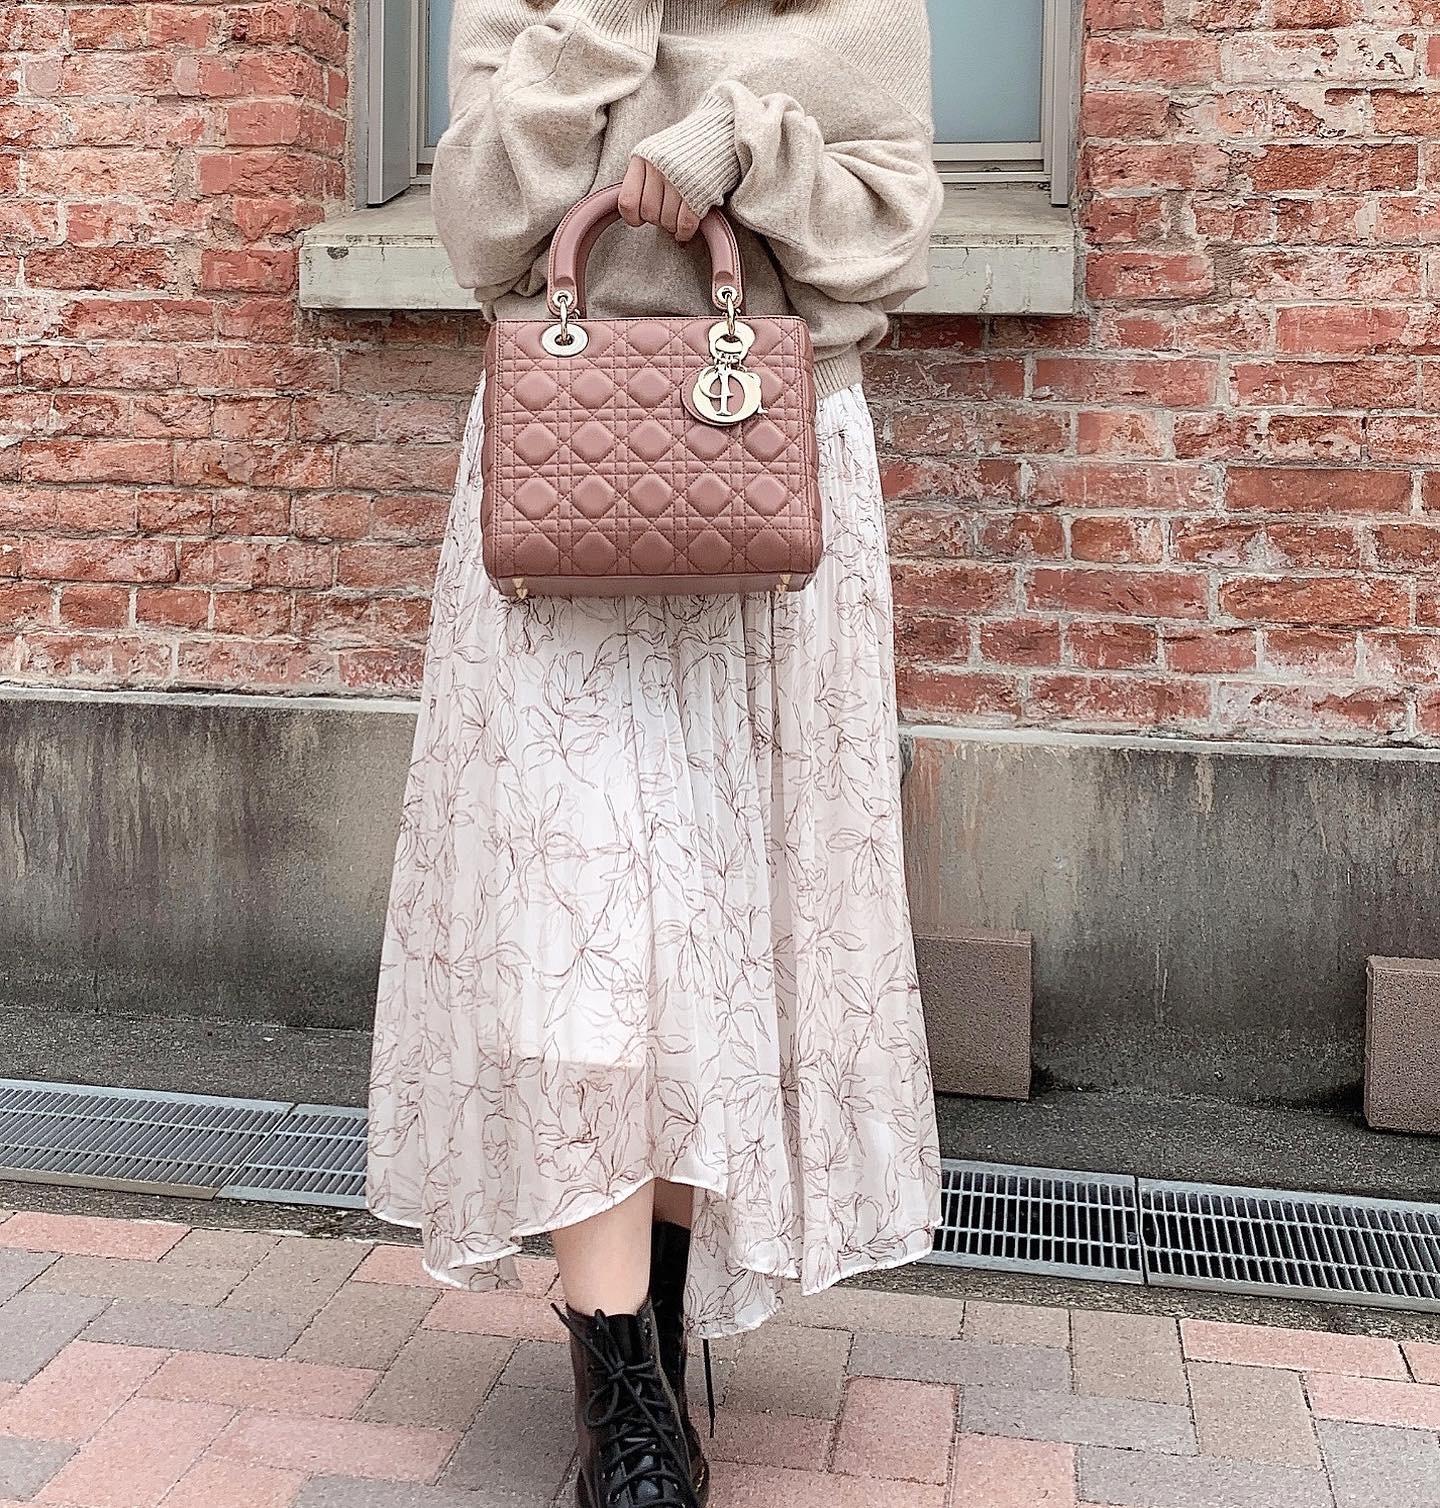 【低身長さん向け】秋のデートコーデ♡オフショル×フィッシュテールスカート【154cm 】_1_2